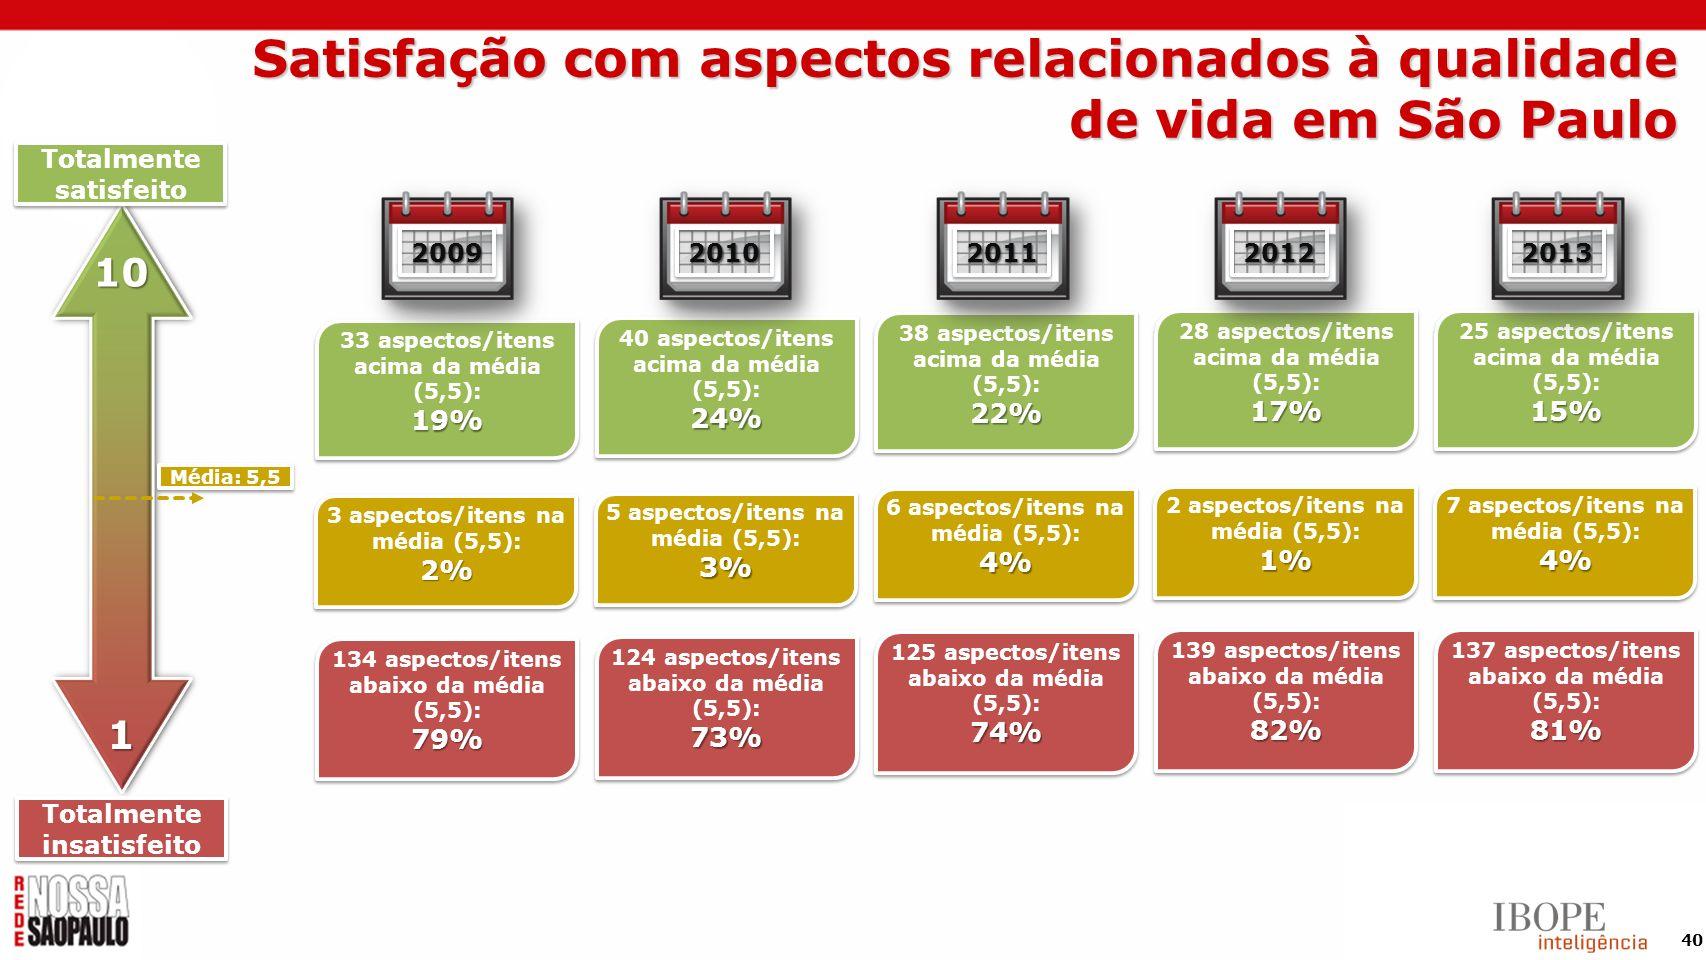 40 Totalmente satisfeito Média: 5,5 Totalmente insatisfeito 10 1 19% 33 aspectos/itens acima da média (5,5): 19% 79% 134 aspectos/itens abaixo da médi